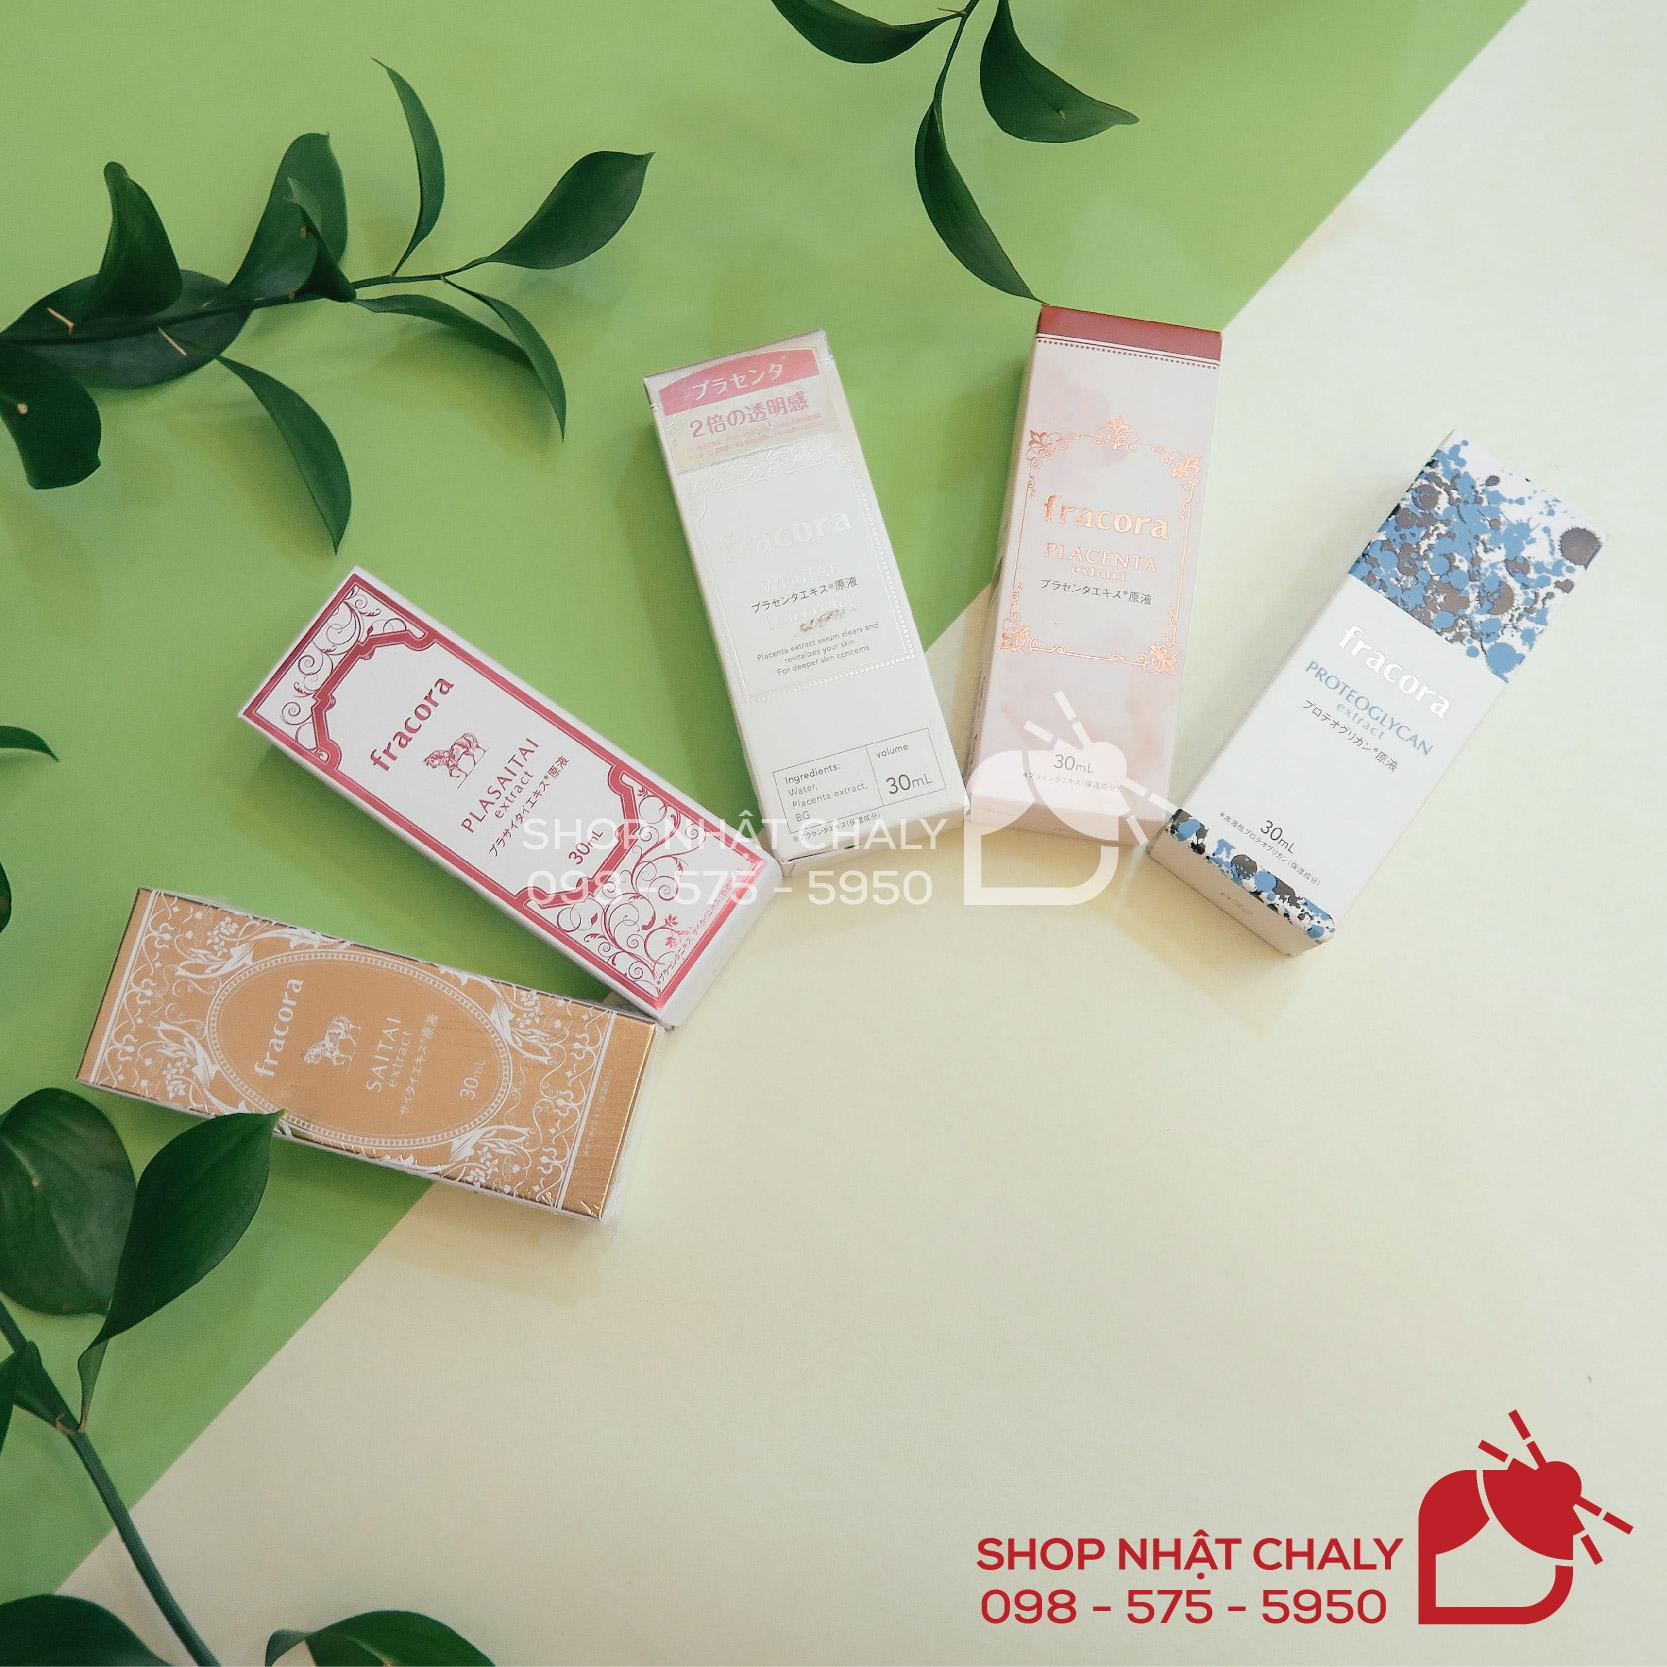 5 serum chống lão hoá của Fracora Japan